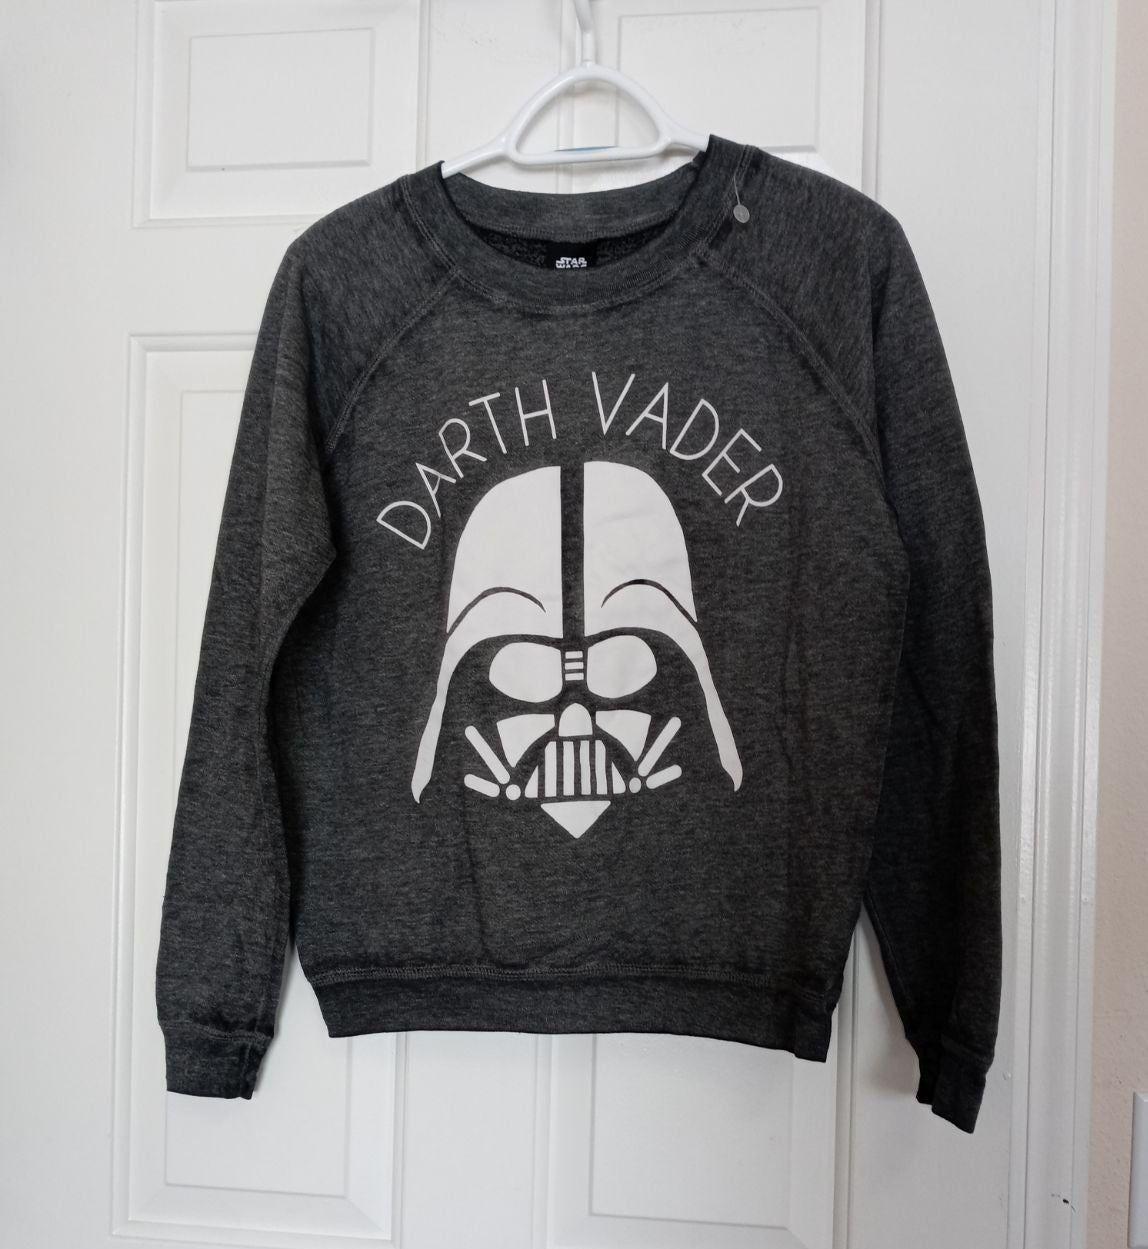 Darth Vader Sweatshirt Mens Size Small Mercari Mens Sweatshirts Clothes Design Sweatshirts [ 1249 x 1148 Pixel ]